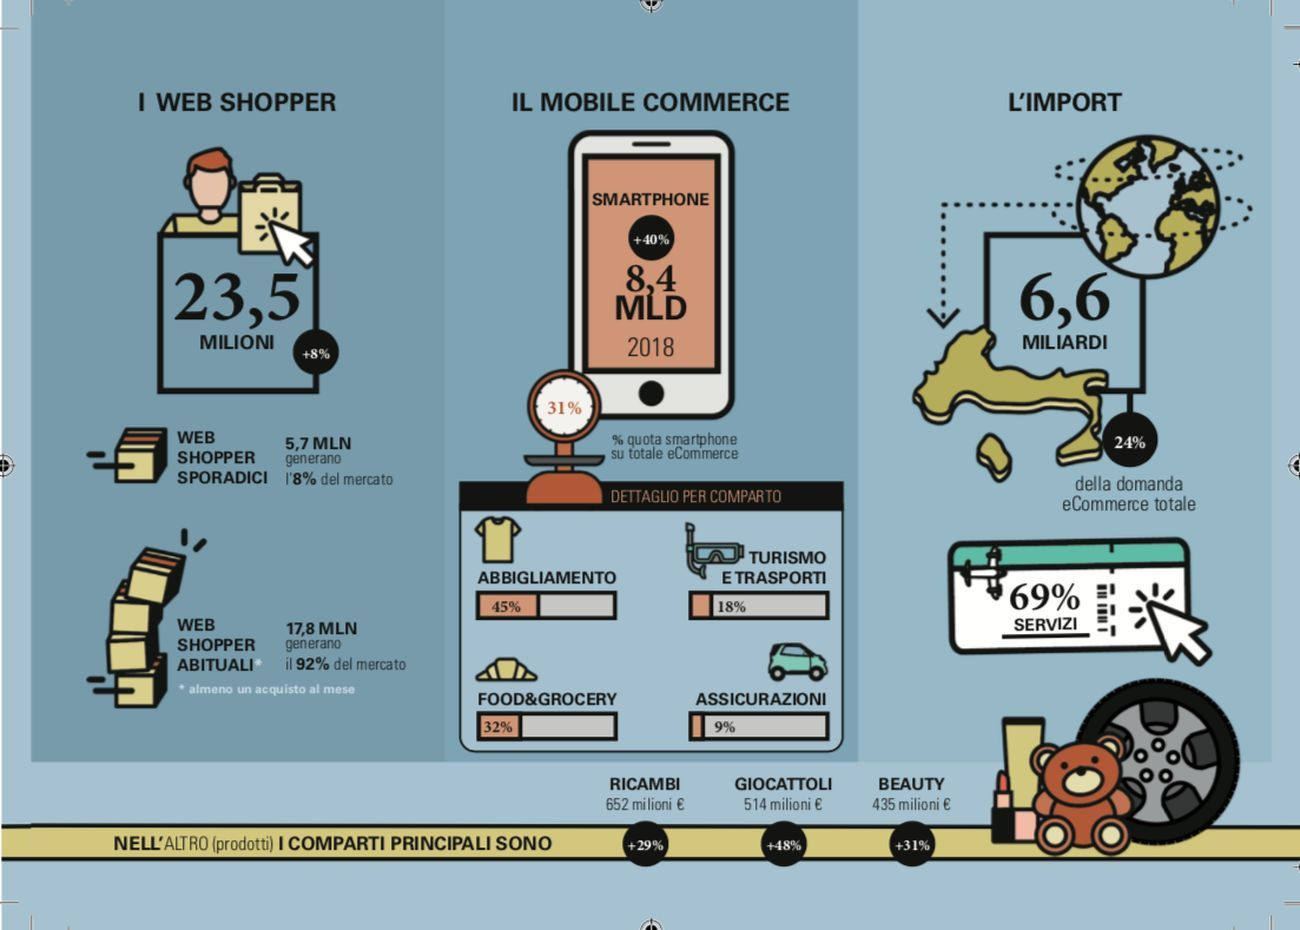 eCommerce mobile. Courtesy Osservatorio eCommerce B2C, Politecnico di Milano